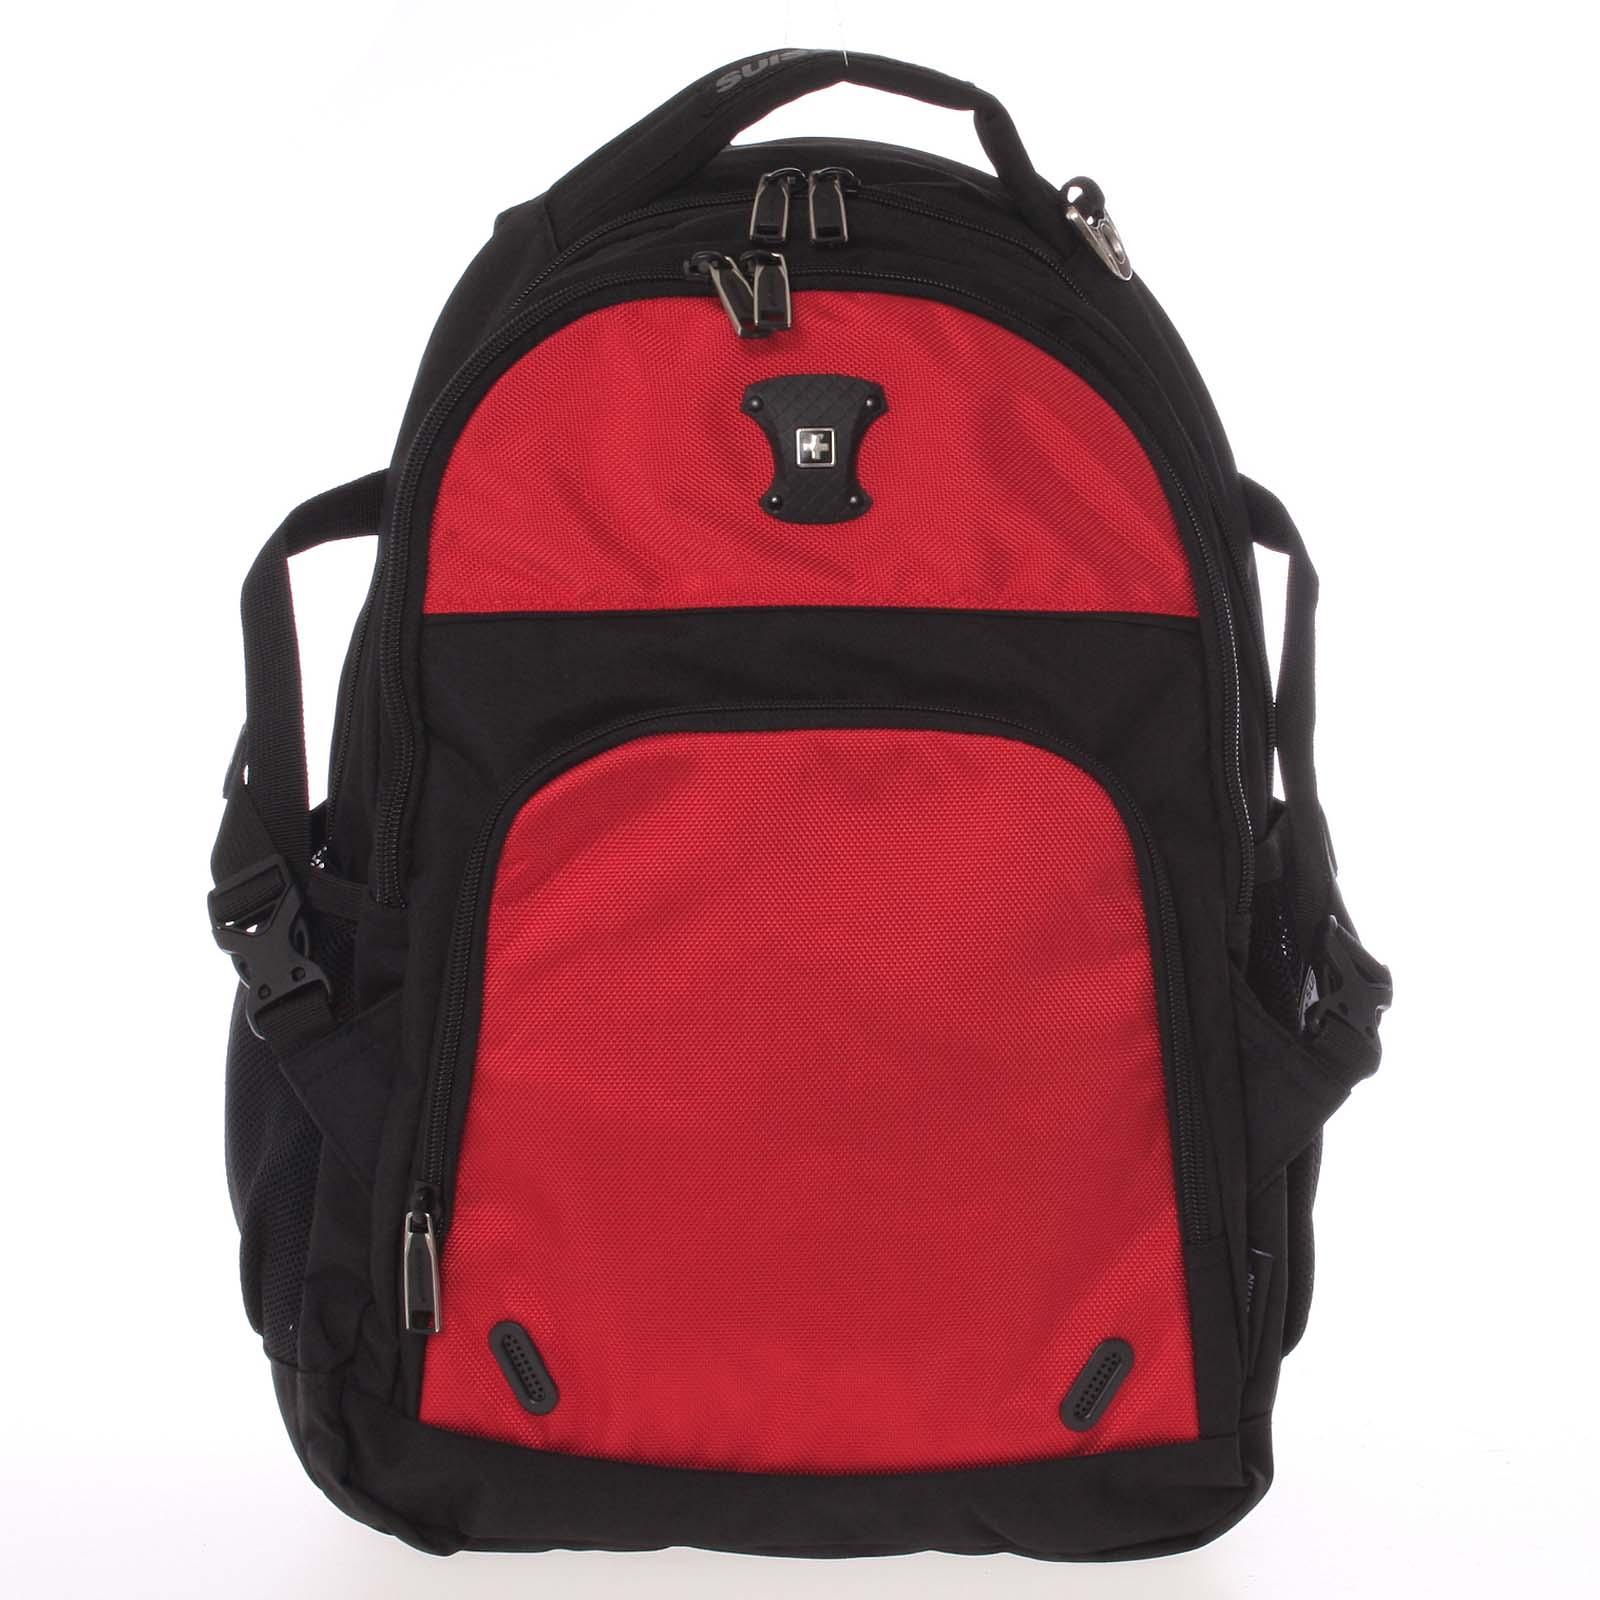 Multifunkčný priedušný ruksak čierno-červený - Suissewin 9017 červená